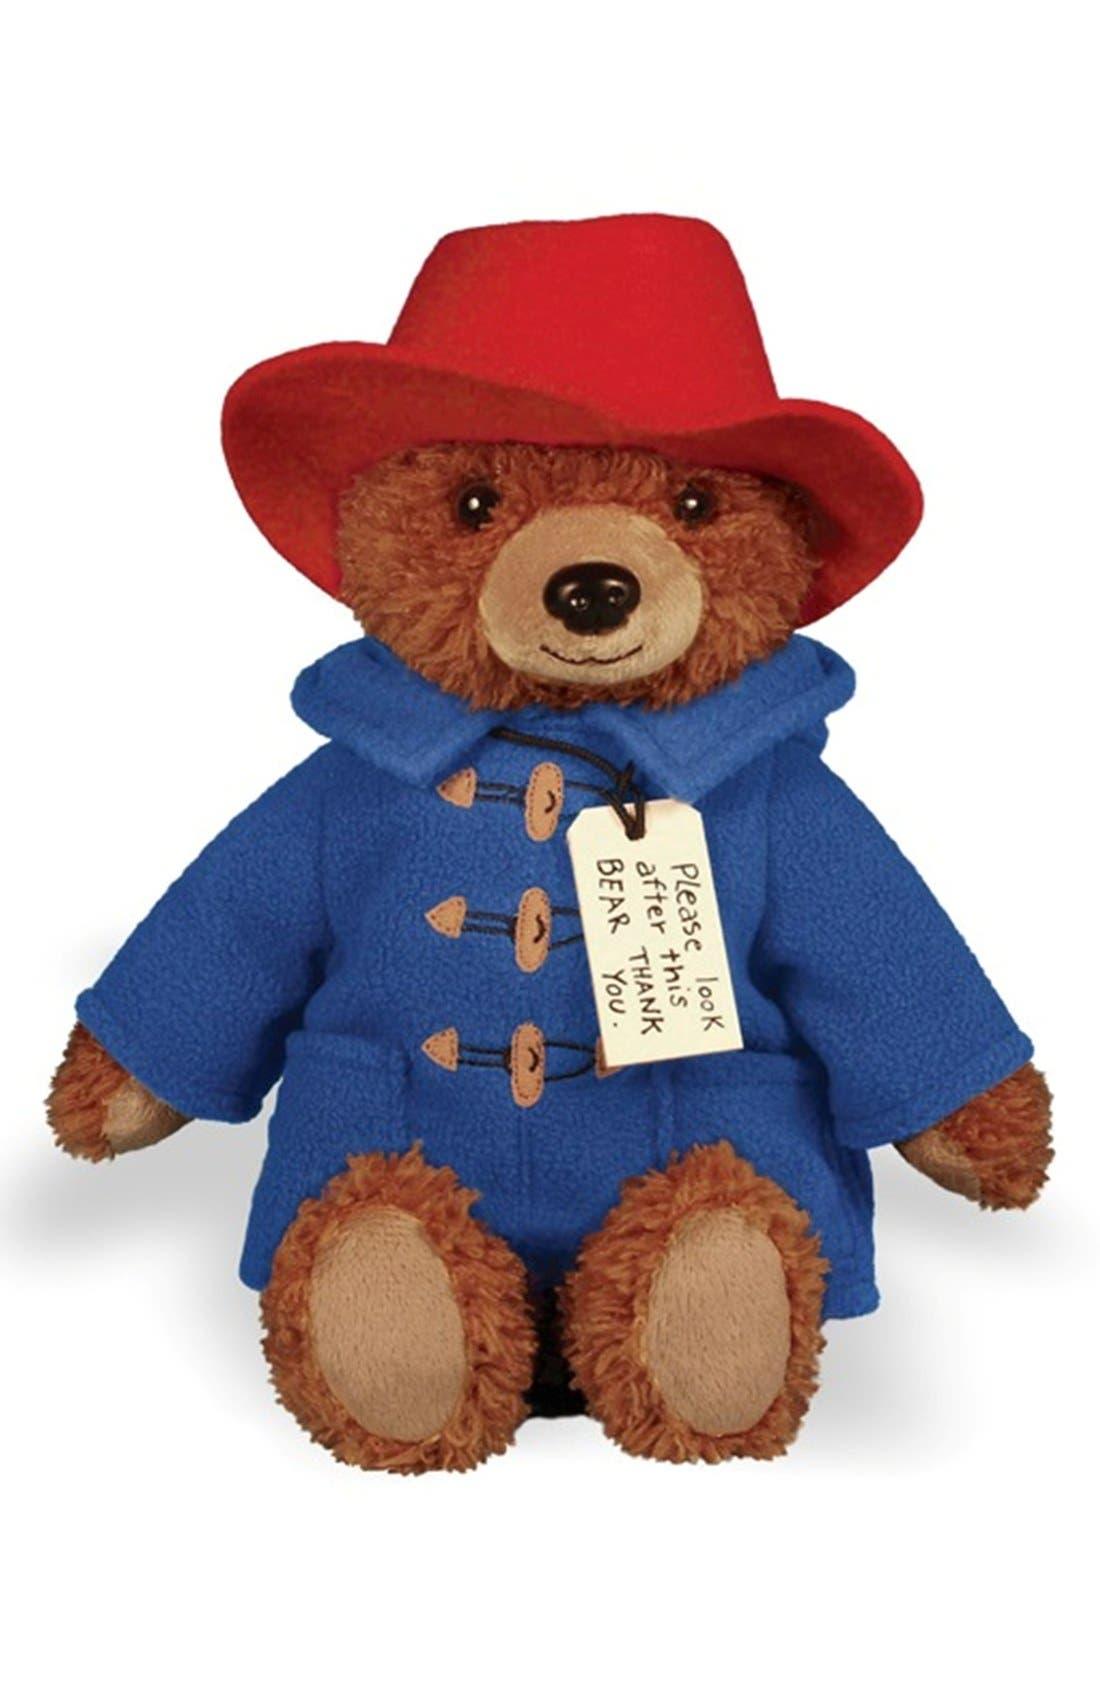 Main Image - yOttOy Paddington Bear™ Stuffed Animal